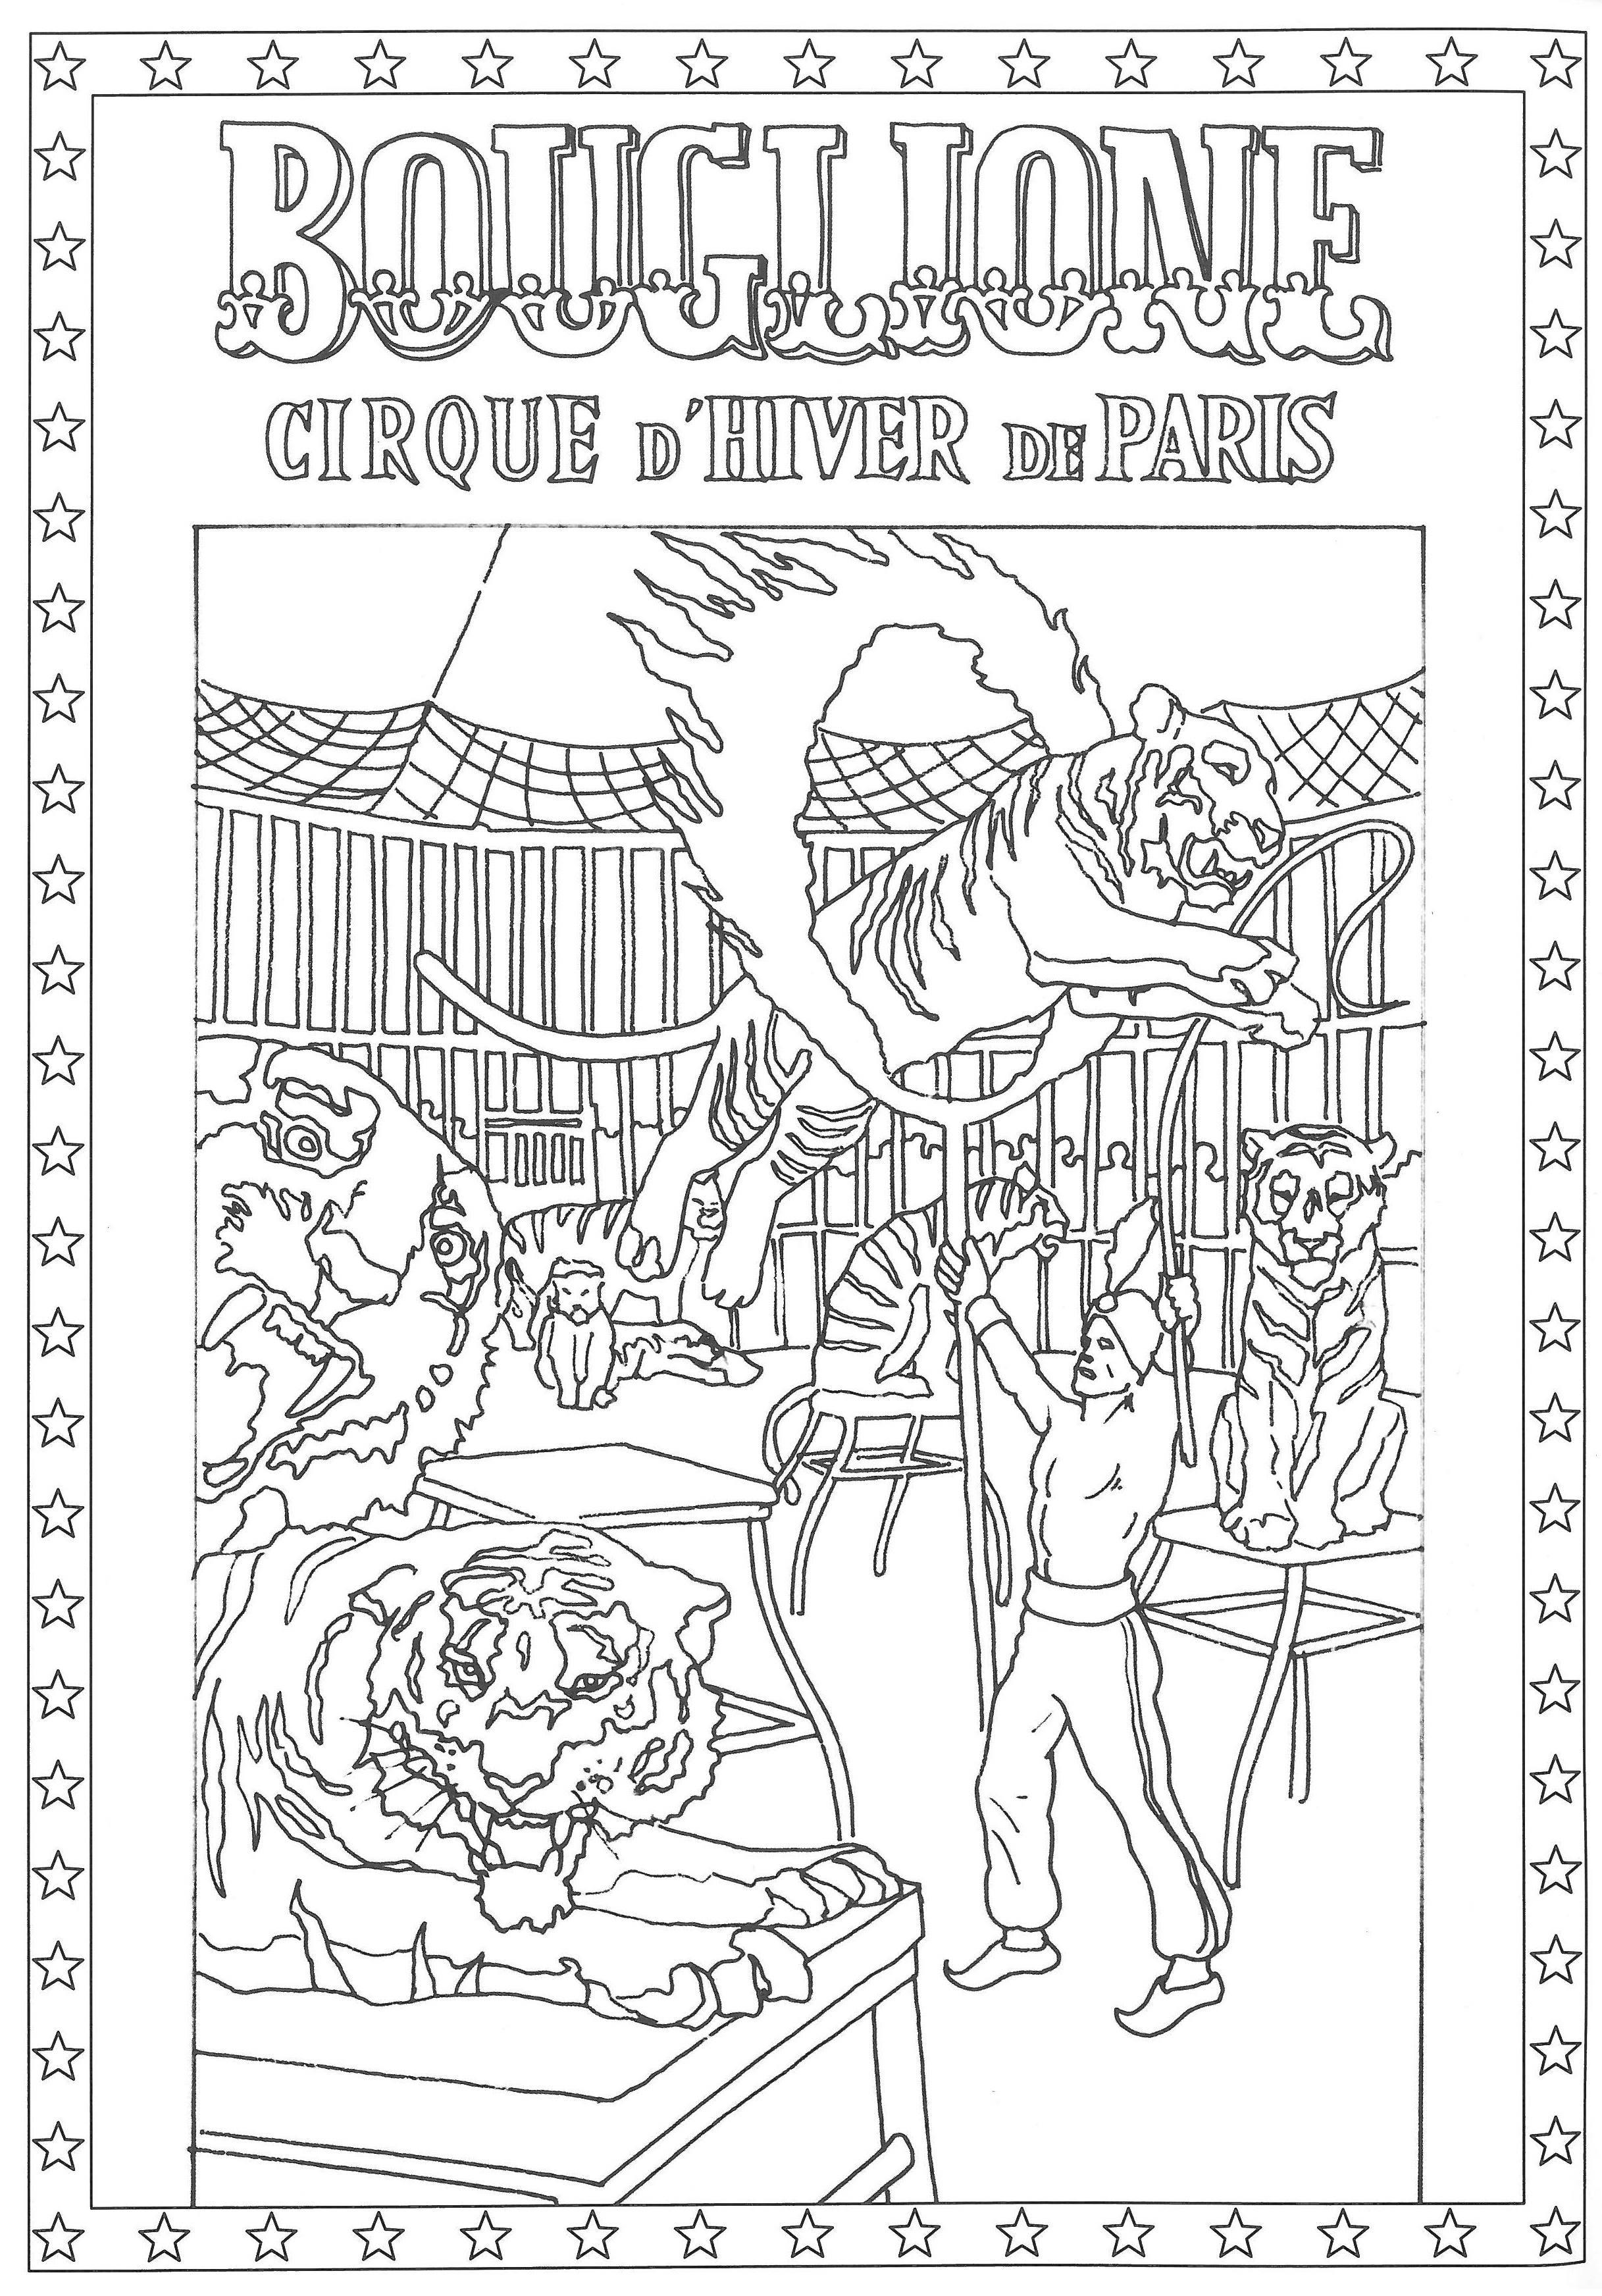 Coloriage Piste Cirque.Epingle Par Cirque D Hiver Bouglione Sur Les Coloriages Du